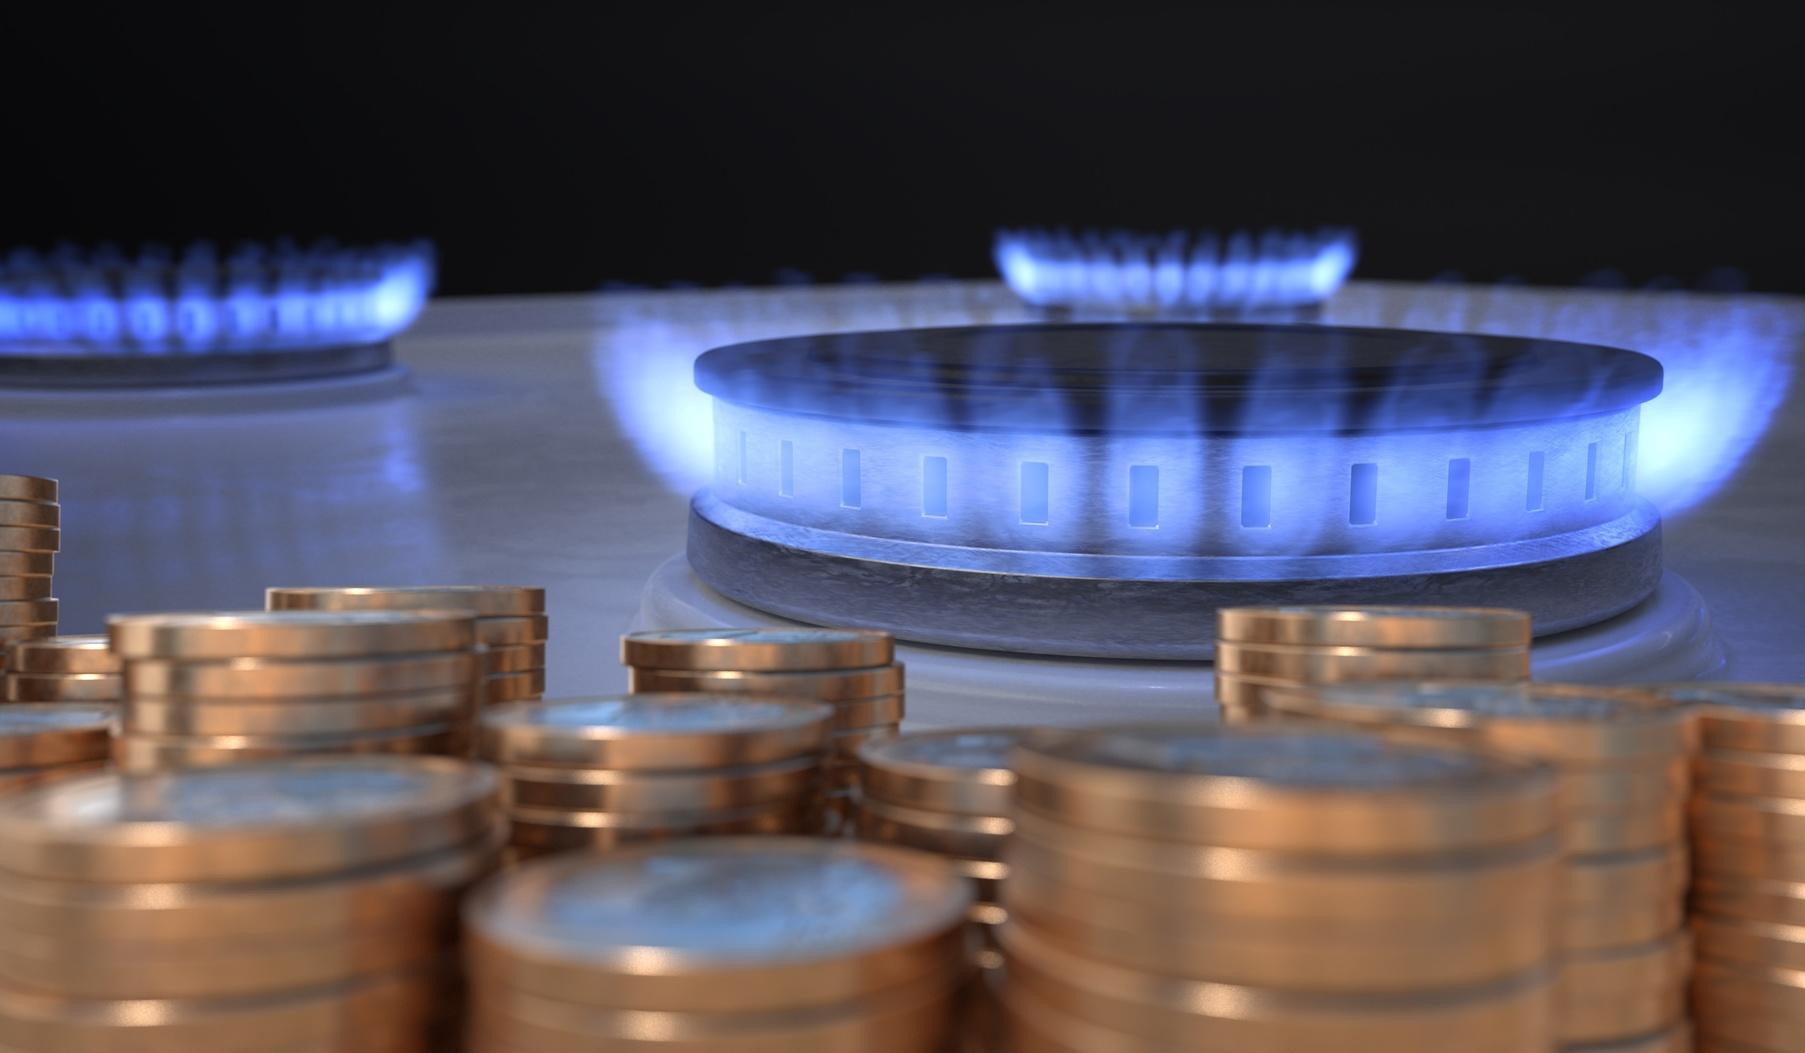 Prezes URE zatwierdził taryfę PGNiG Obrót Detaliczny - od nowego roku za gaz zapłacimy blisko 4,5 proc. mniej - Aktualności - Urząd Regulacji Energetyki